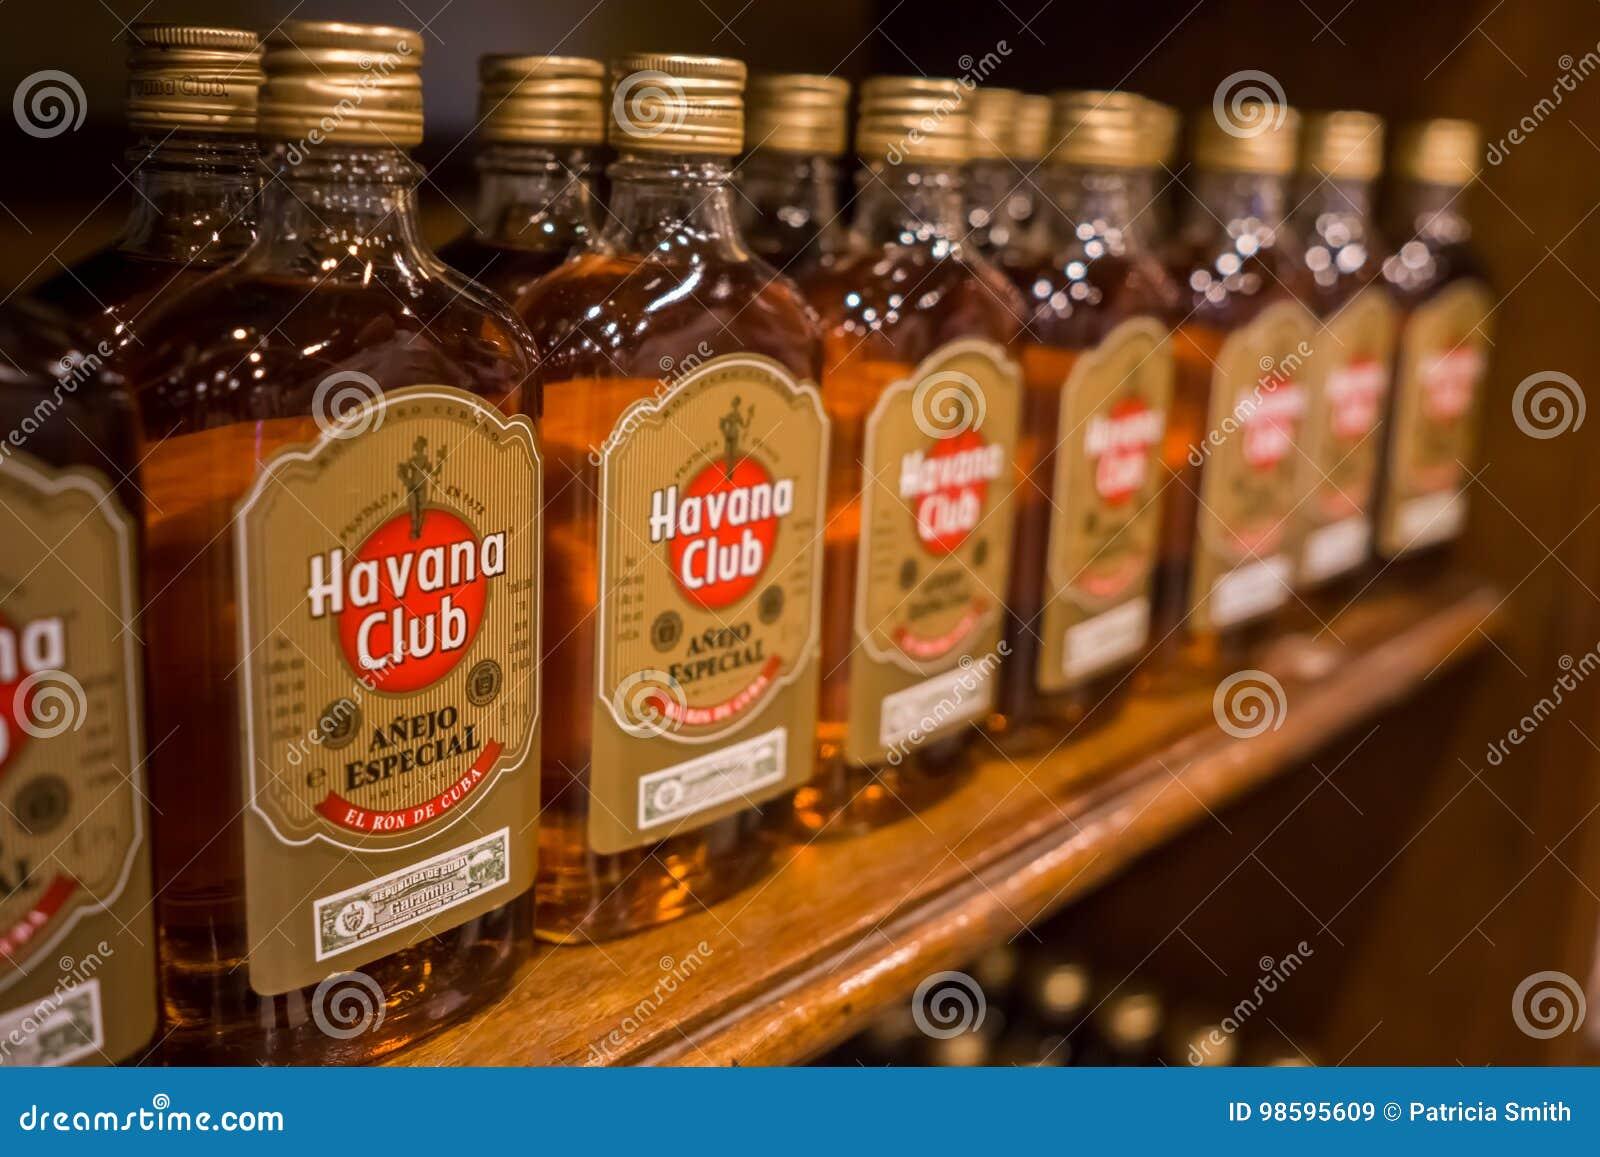 Havana Club-Rum